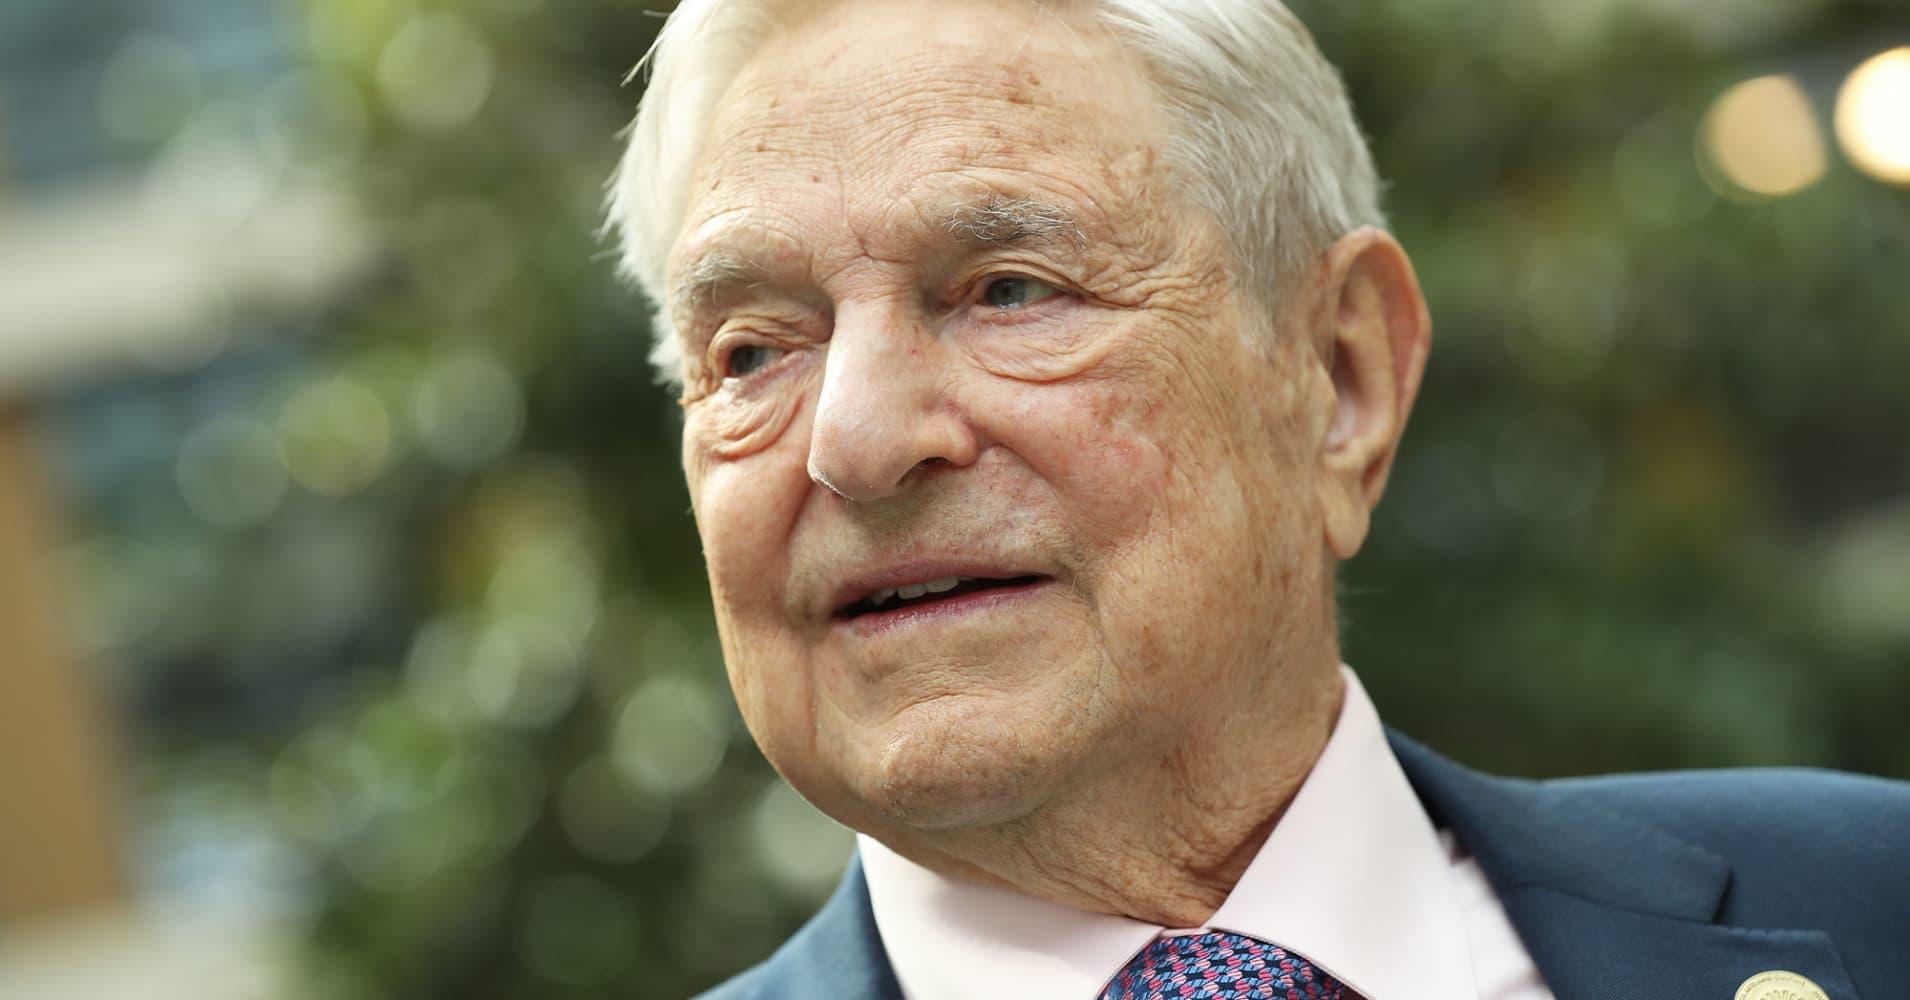 George Soros' fund bought $35 million of Tesla bonds while loading up on Amazon, Netflix stock